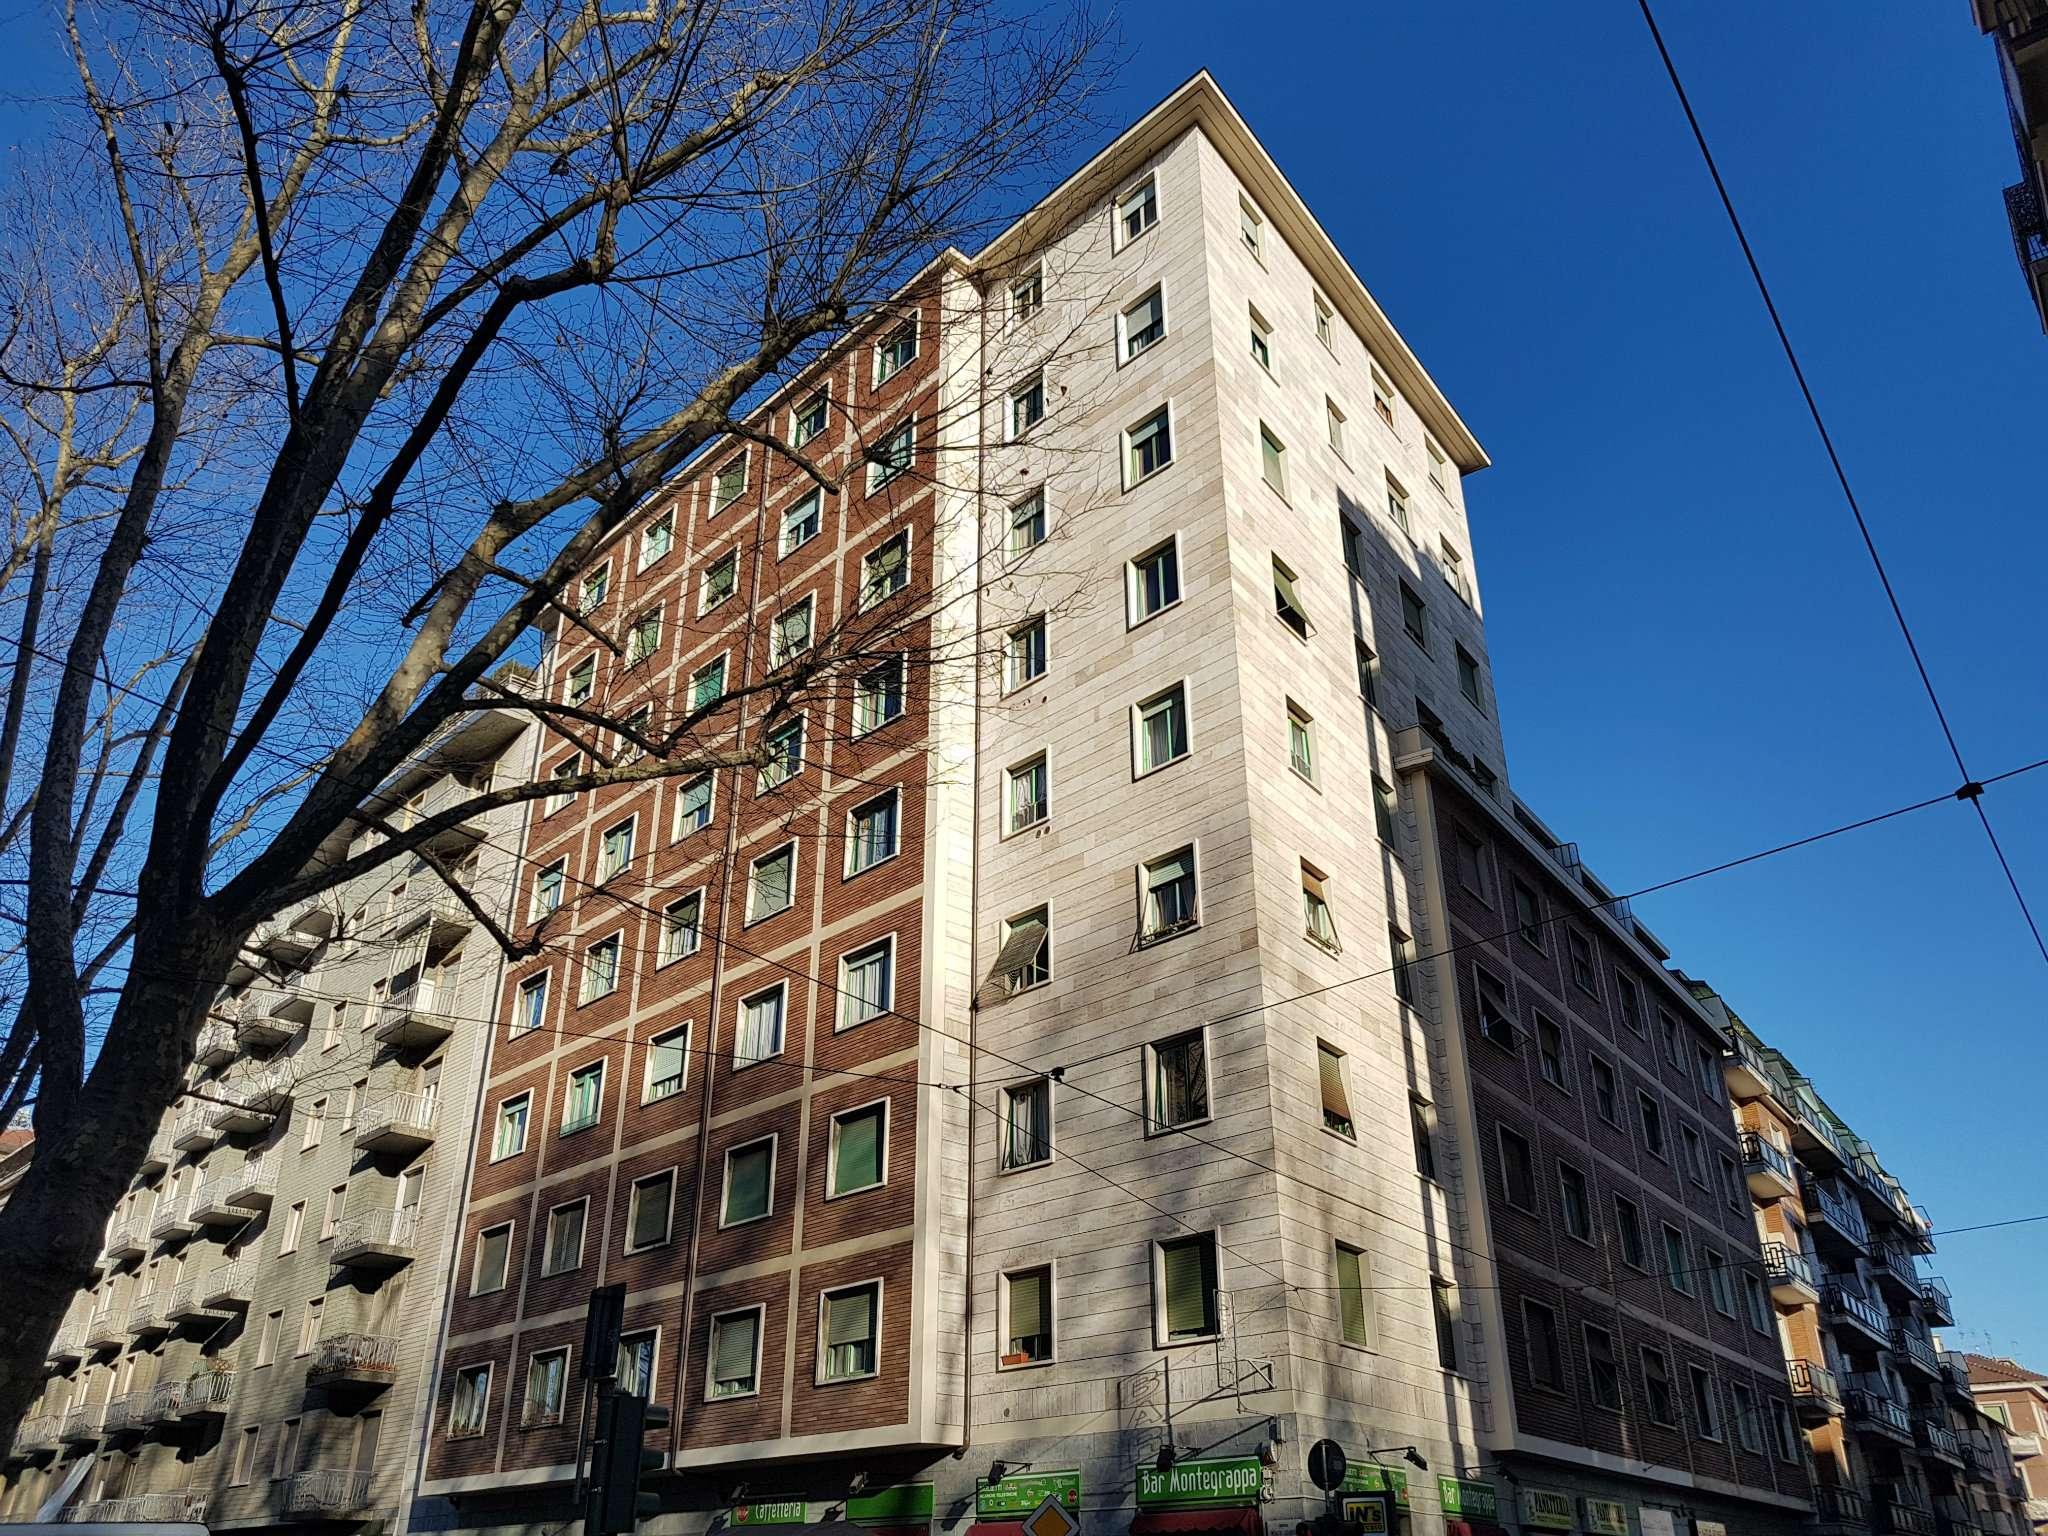 Appartamento in affitto a Torino, 2 locali, zona Pozzo Strada, Parella, prezzo € 450 | PortaleAgenzieImmobiliari.it